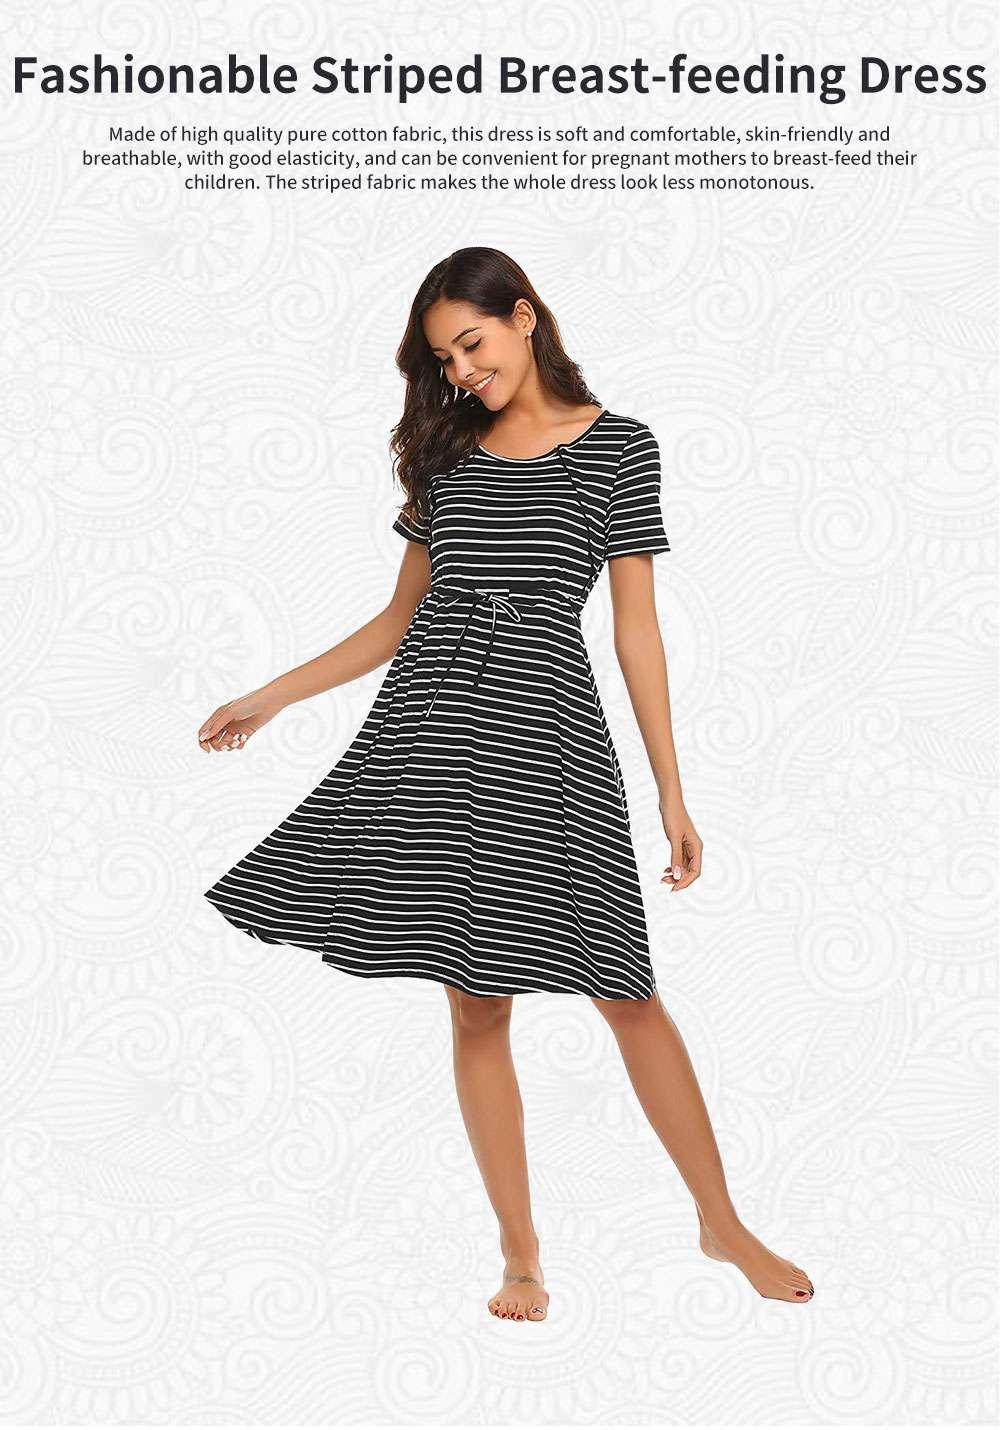 Fashionable Striped Skirt for Pregnant Women Short Sleeves Dress for Breast-feeding 0